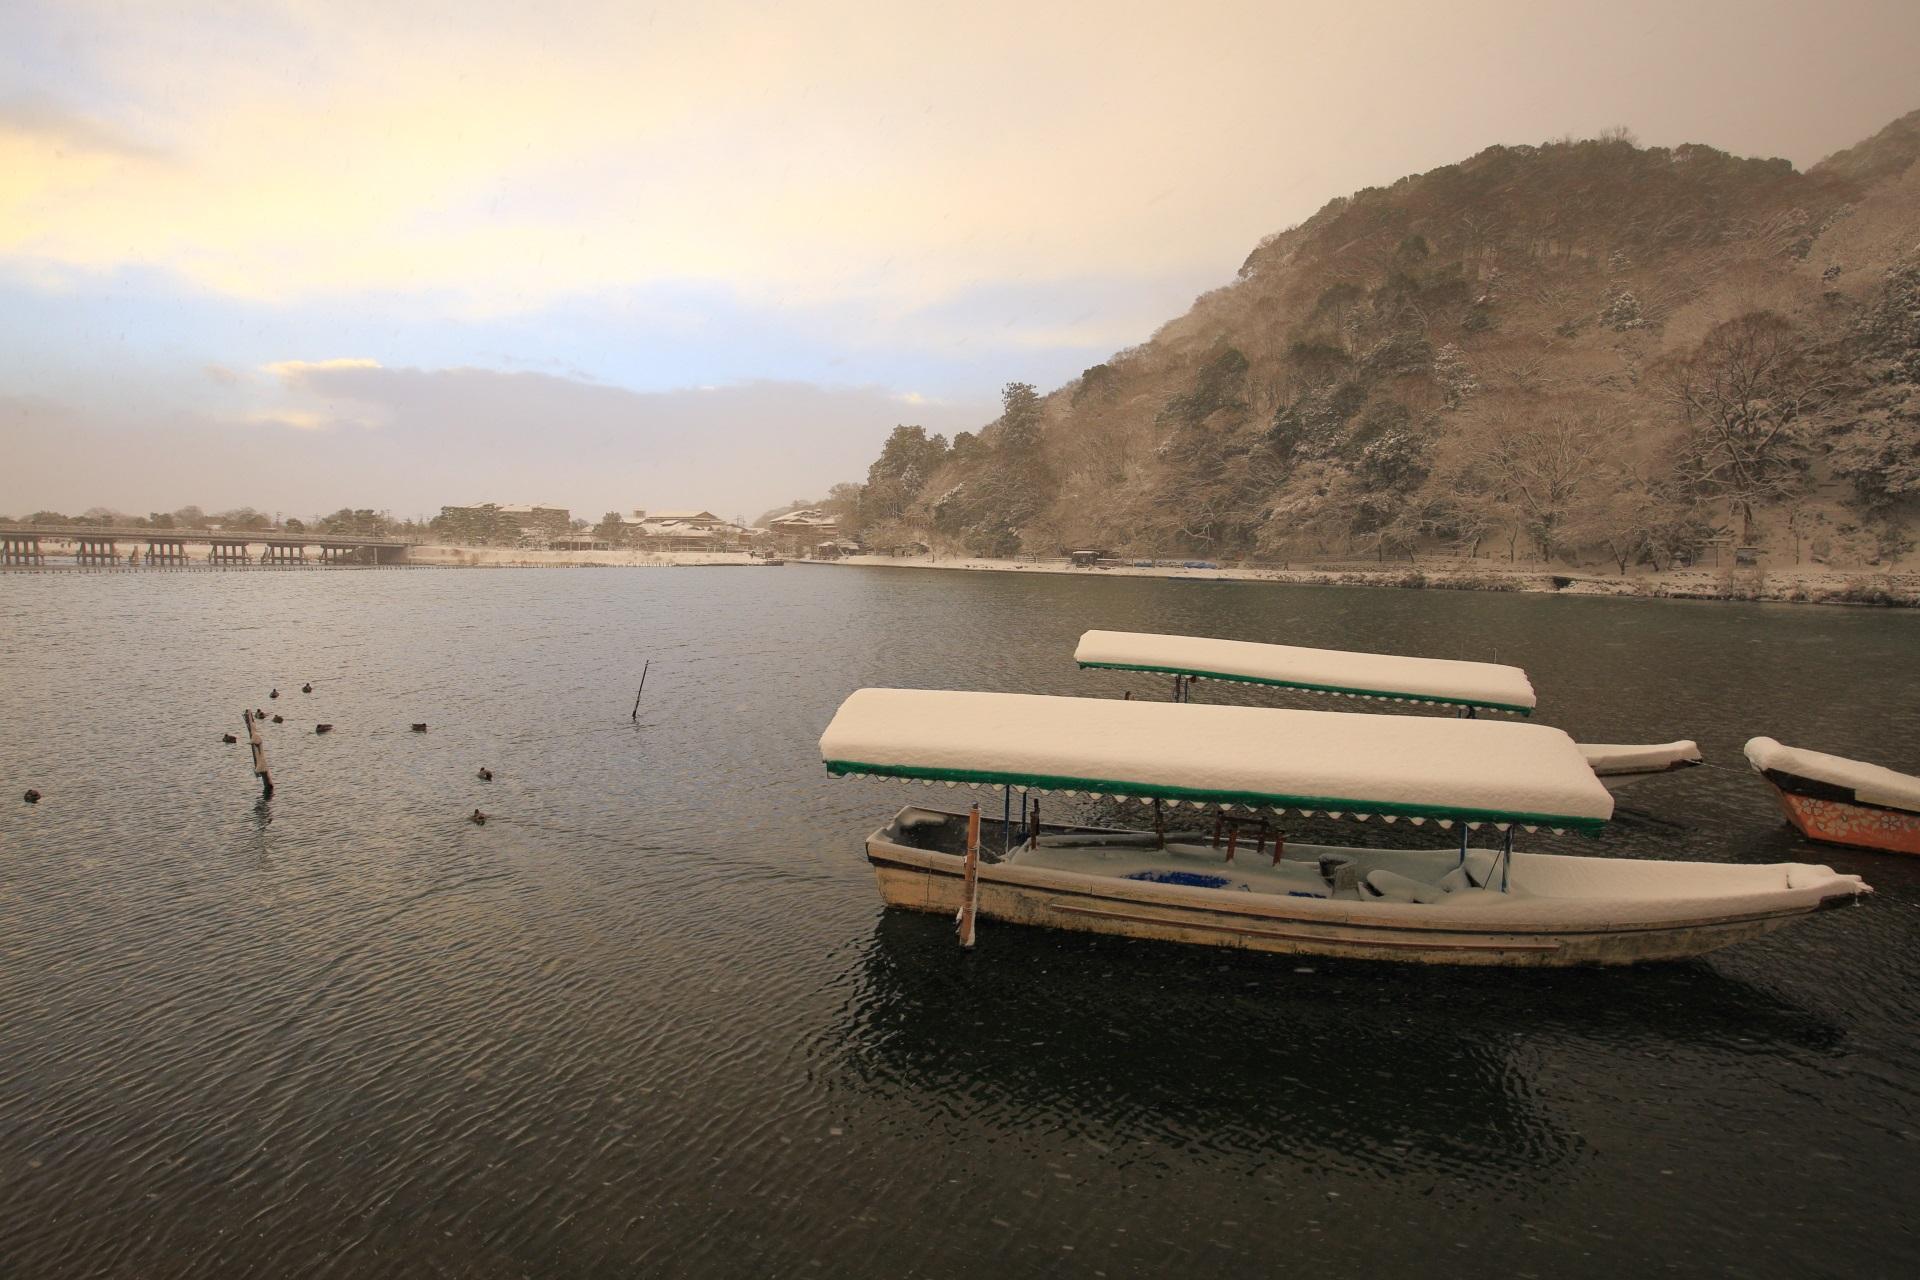 雪がいっぱい積もる桂川の渡し舟